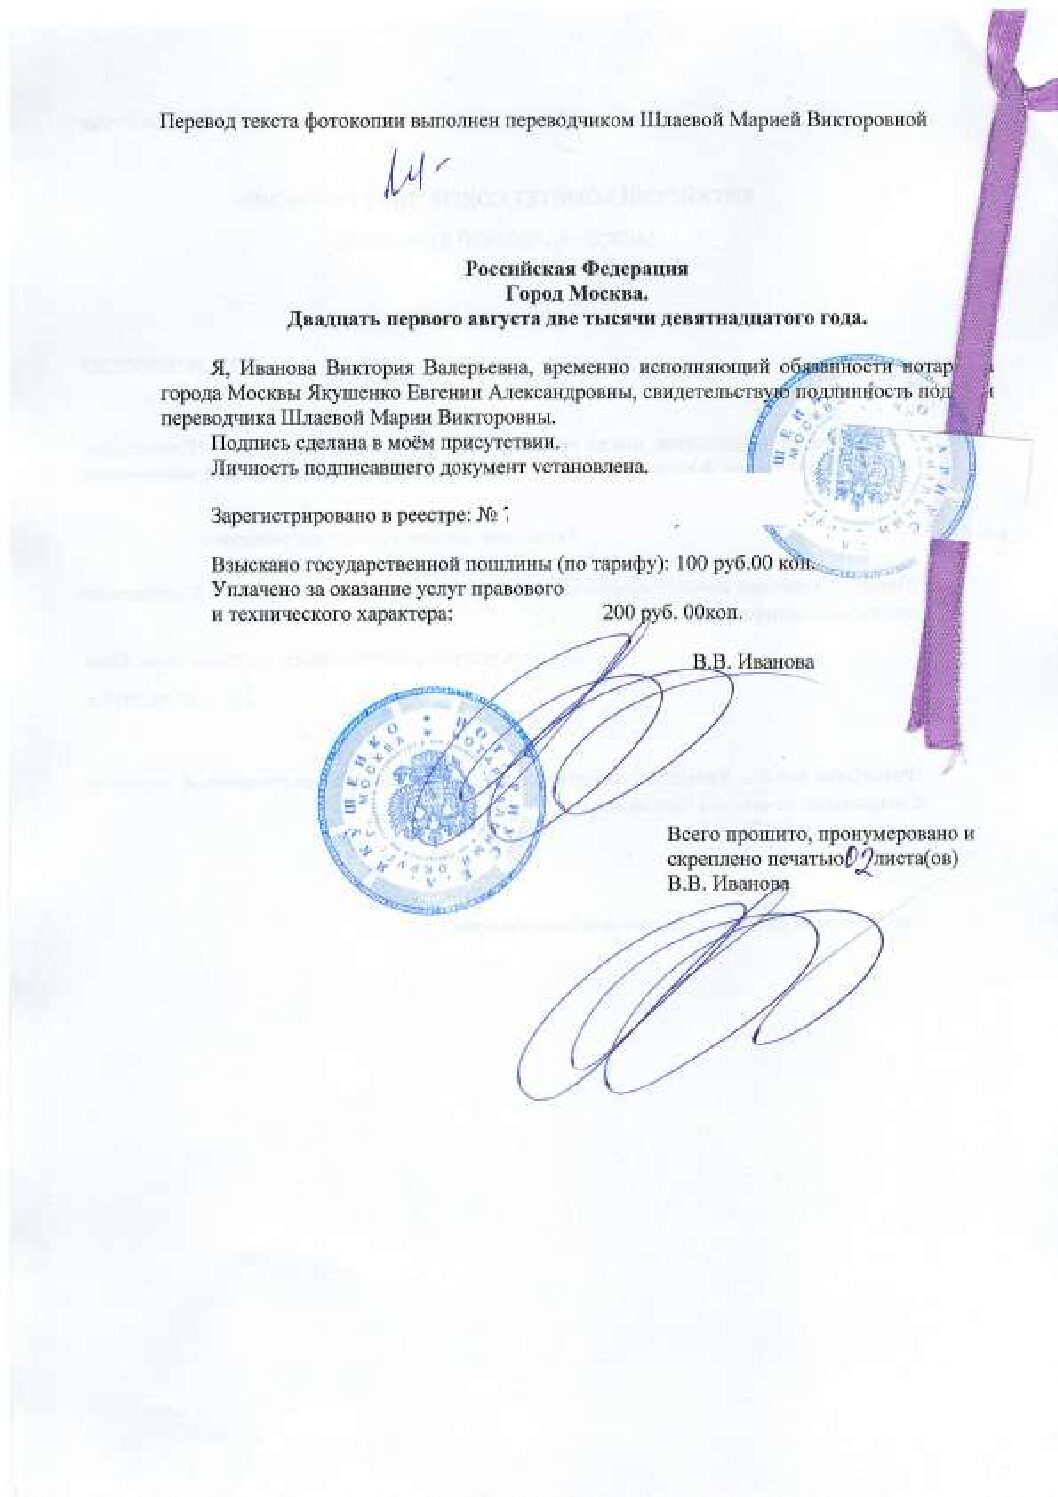 Пример нотариального перевода таможенного сертификата с английского